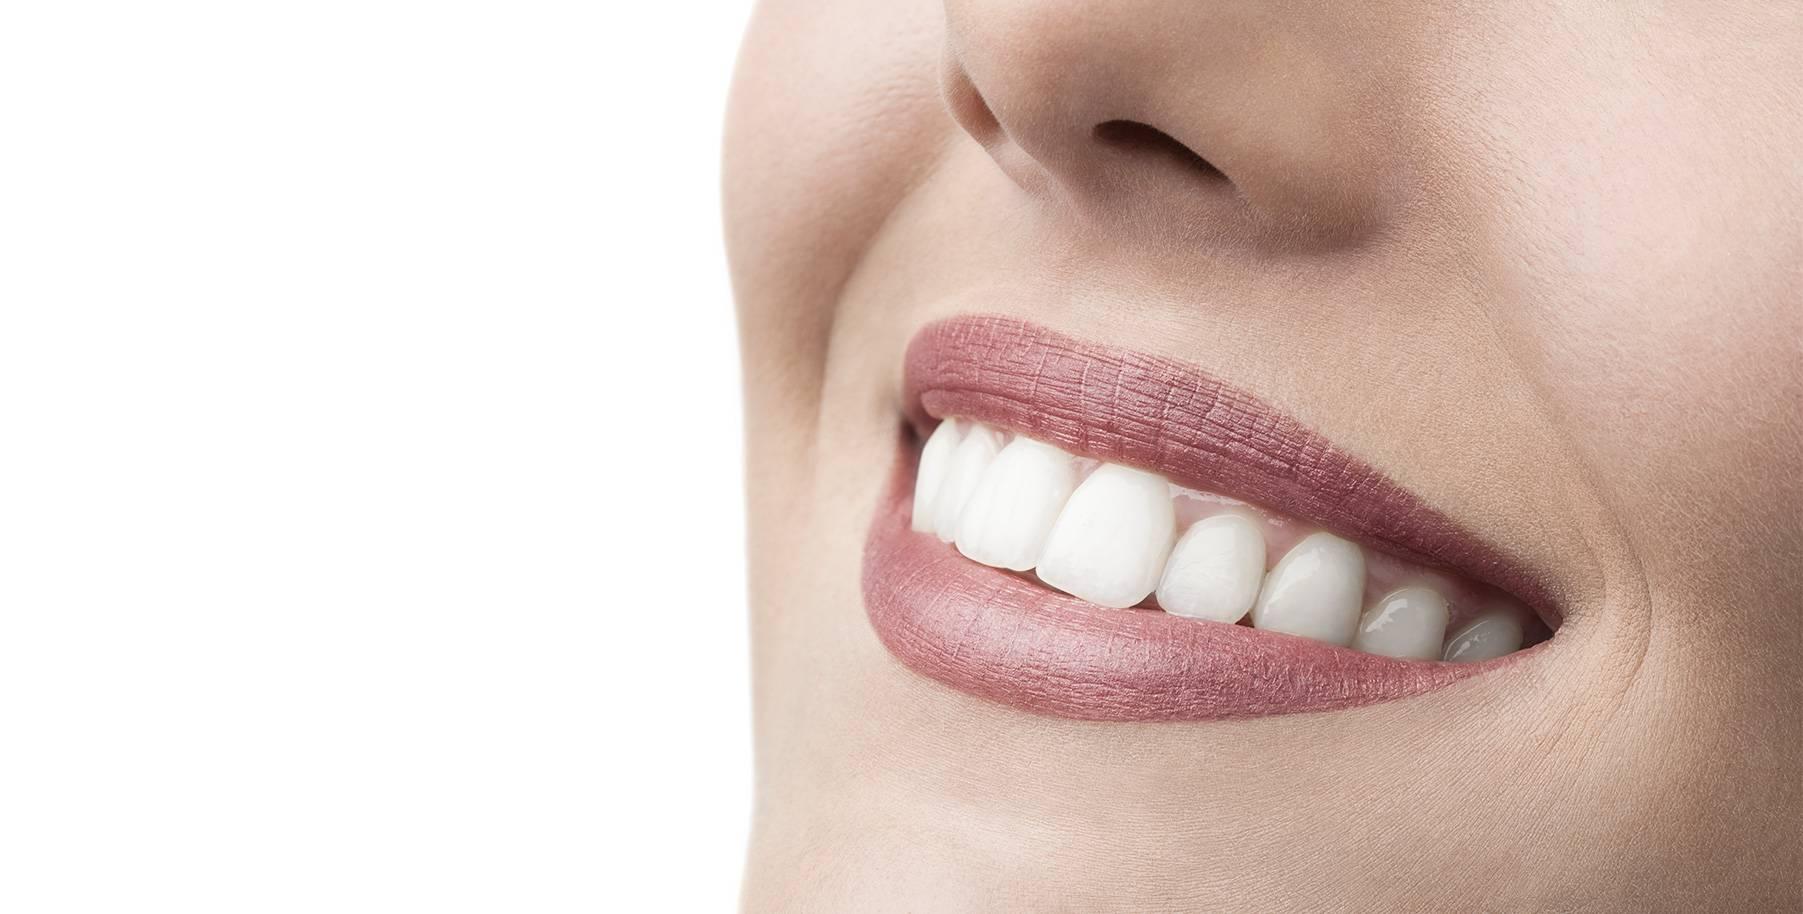 Есть ли противопоказания к ультразвуковой чистке зубов?